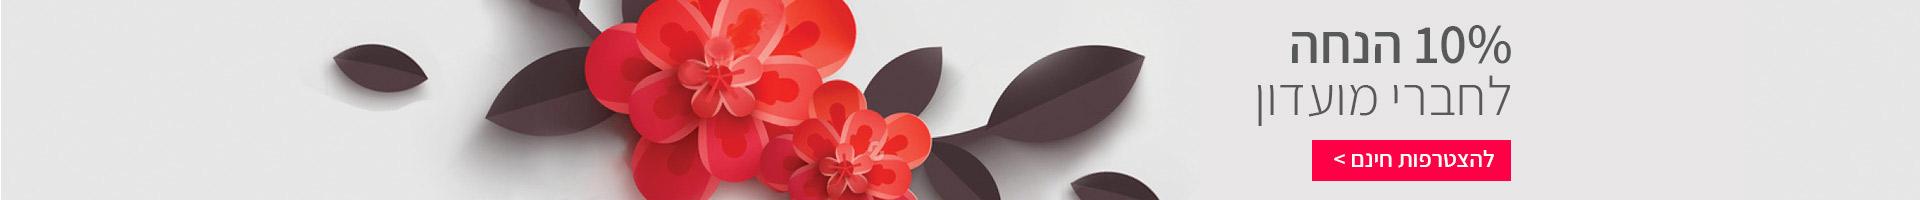 הנחת חברי מועדון לקוחות שדה פרחים